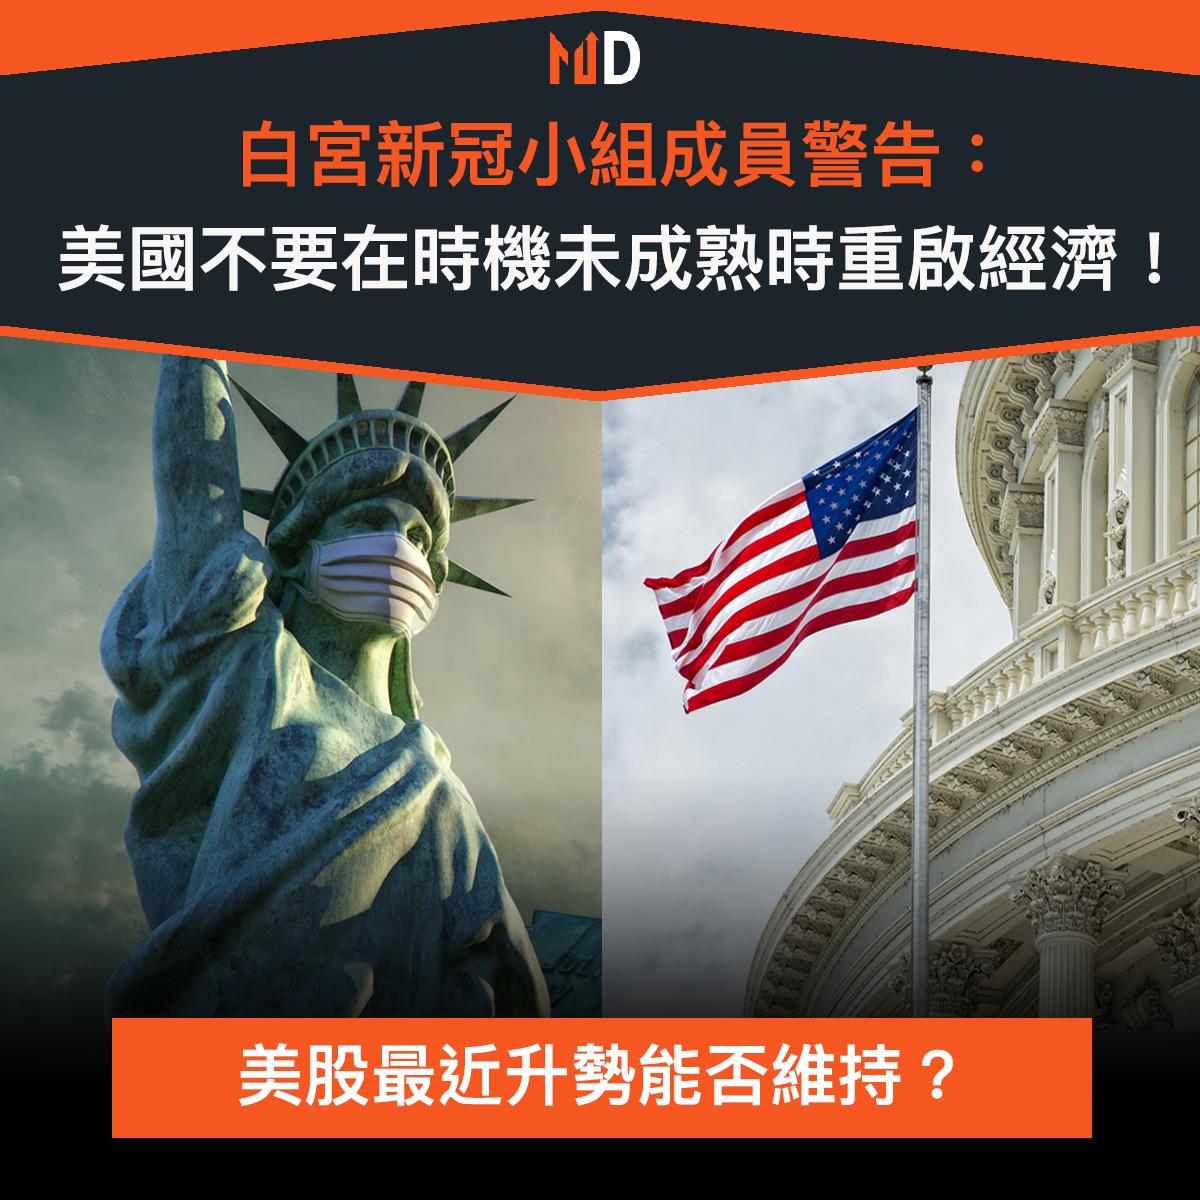 【#市場熱話】白宮新冠小組成員警告:美國不要在時機未成熟時重啟經濟